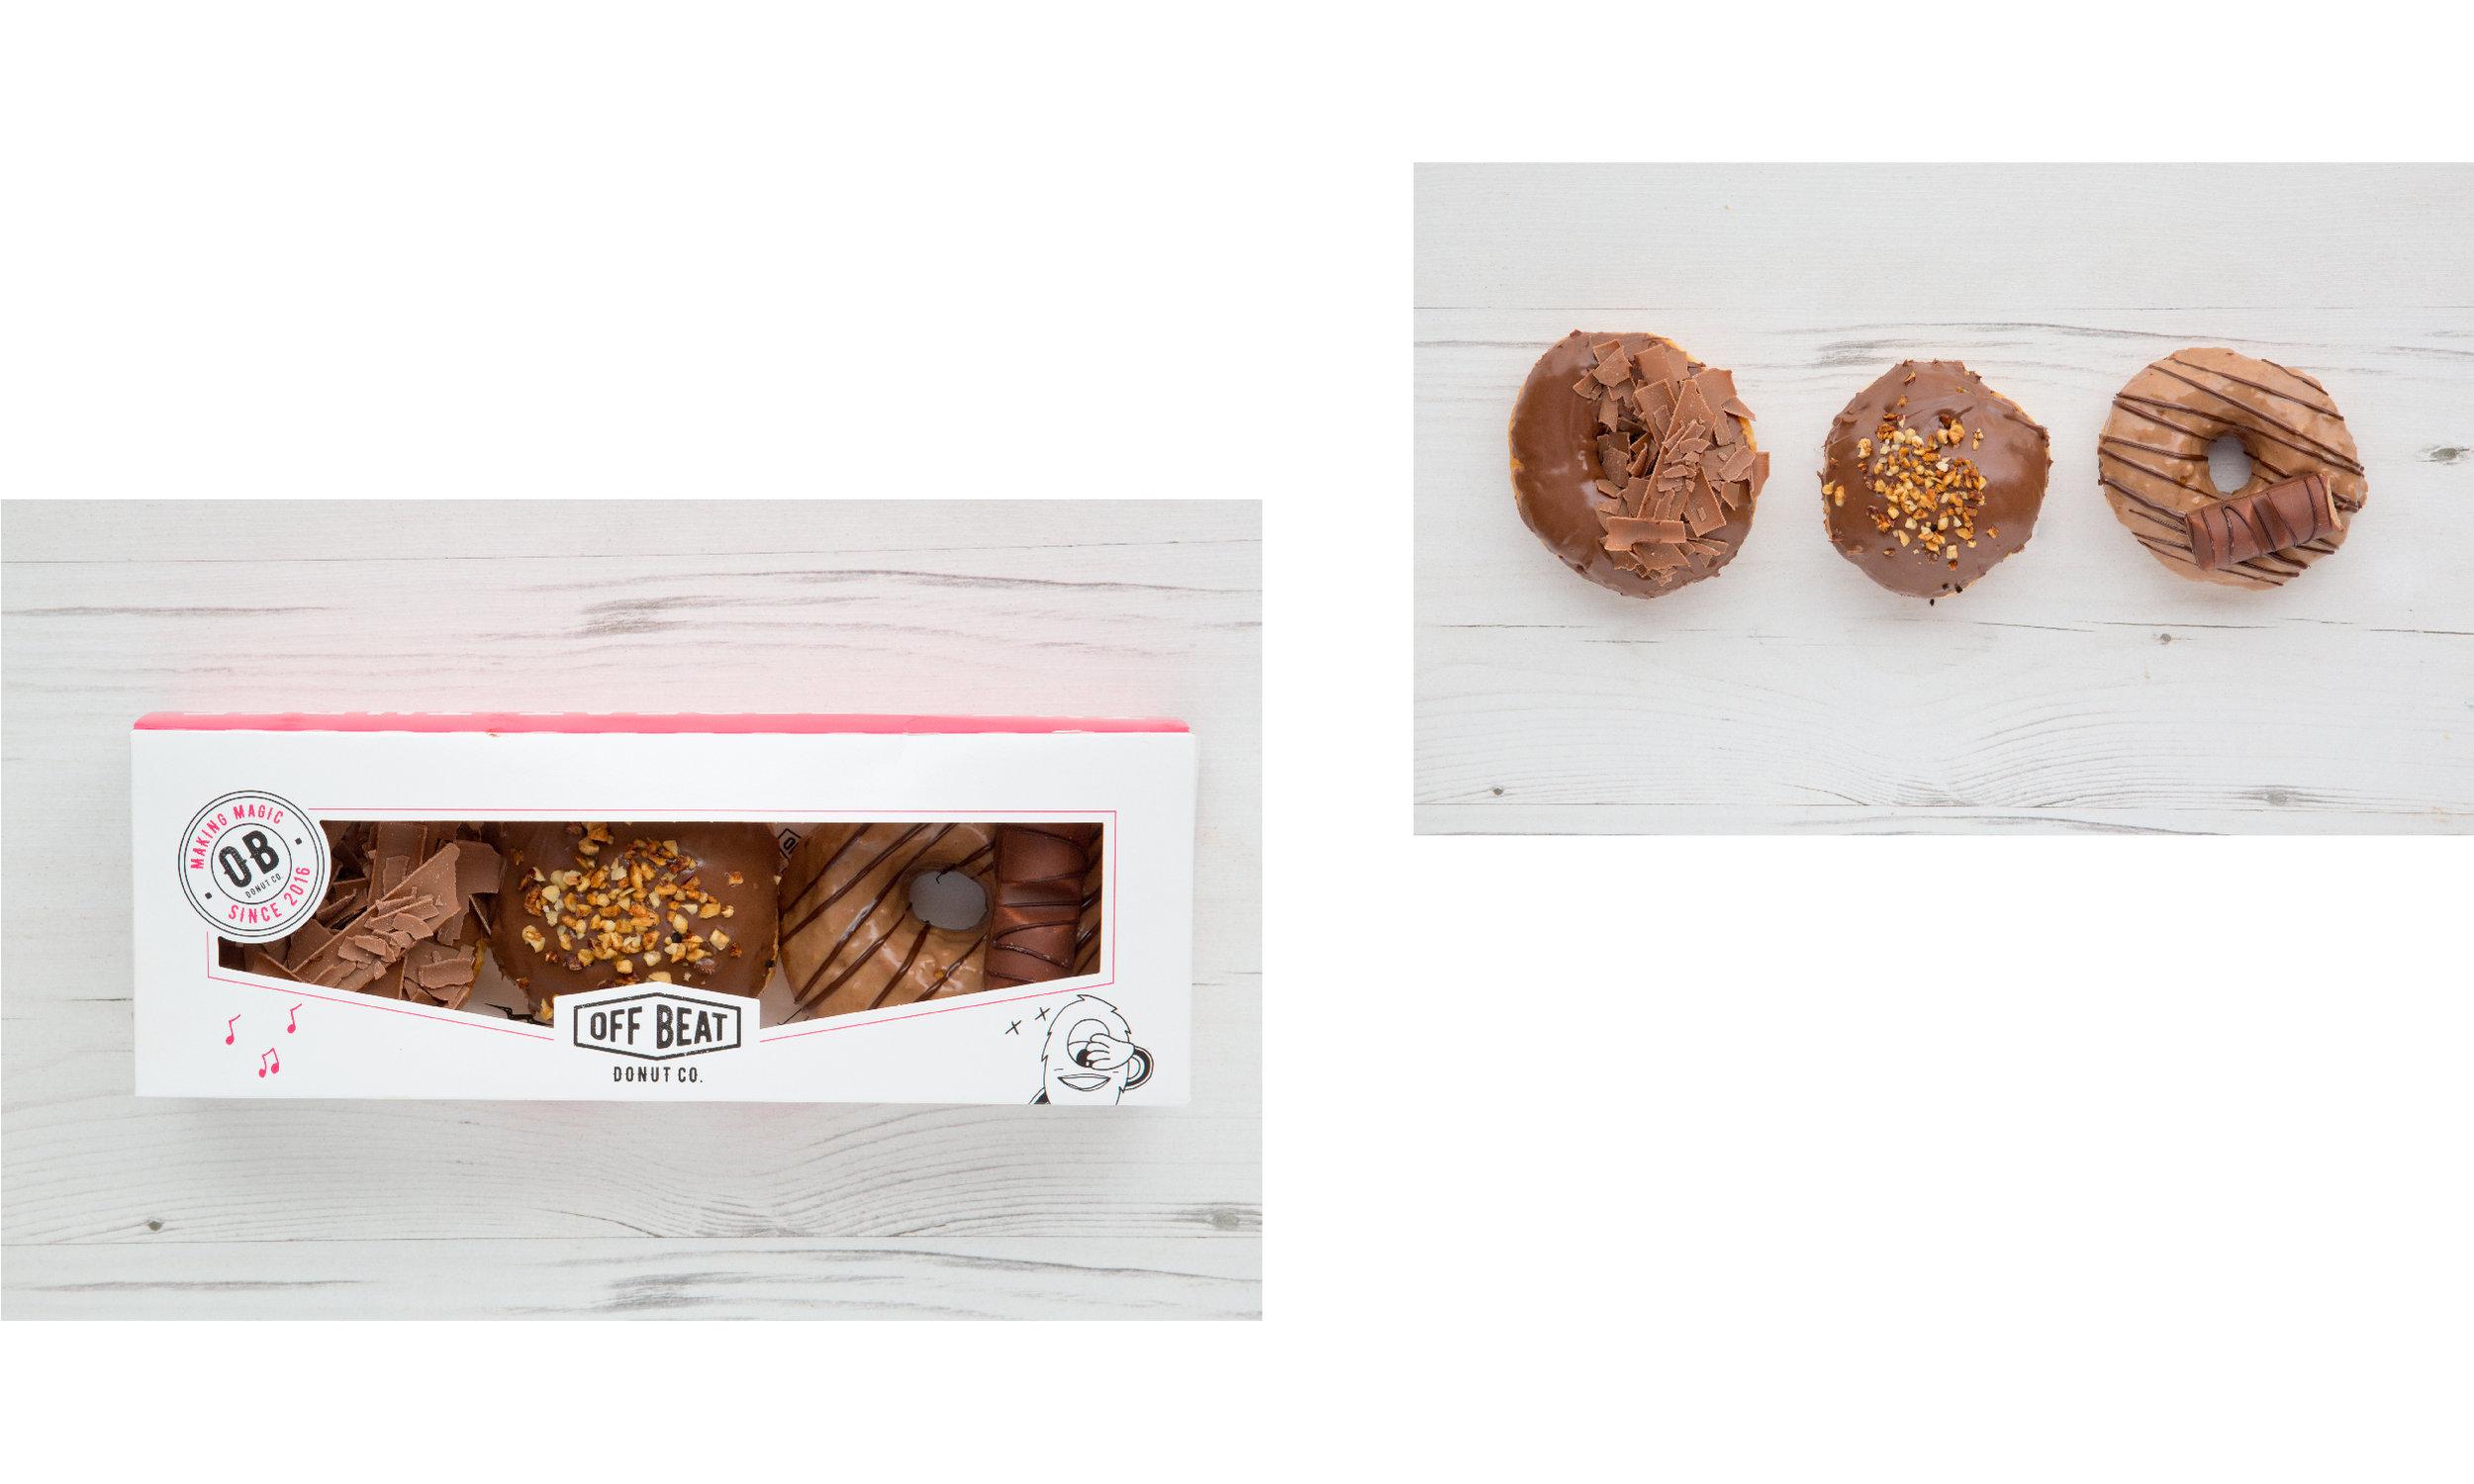 LMPP Offbeat Donuts 3 box.jpg